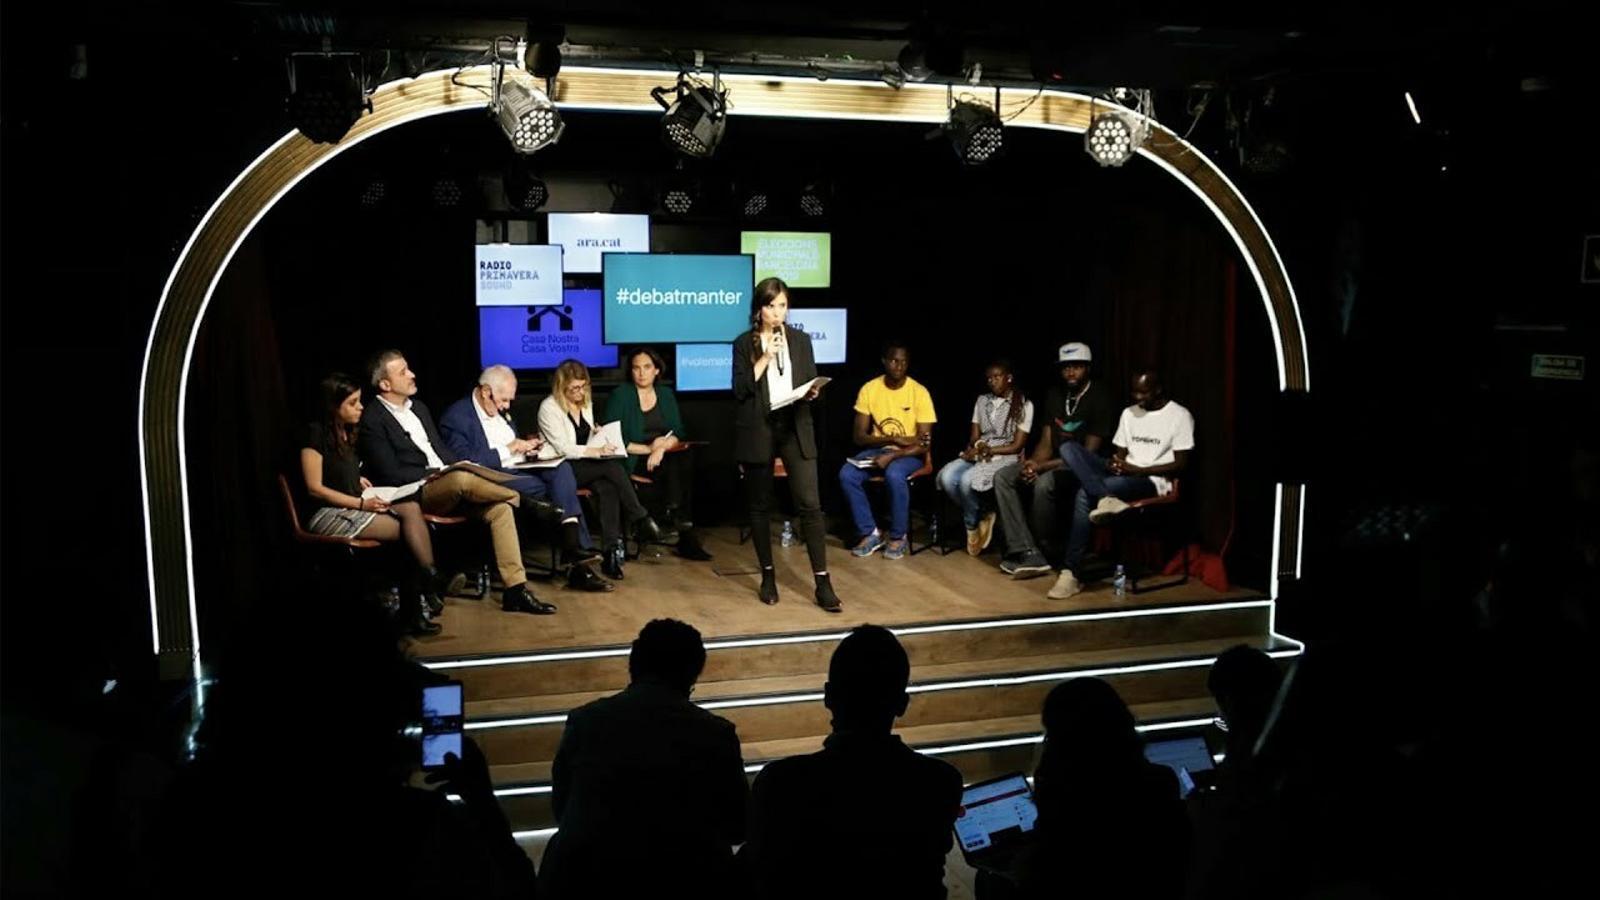 """""""Porto més anys aquí que Manuel Valls"""", el debat entre manters i candidats a l'alcaldia de Barcelona"""